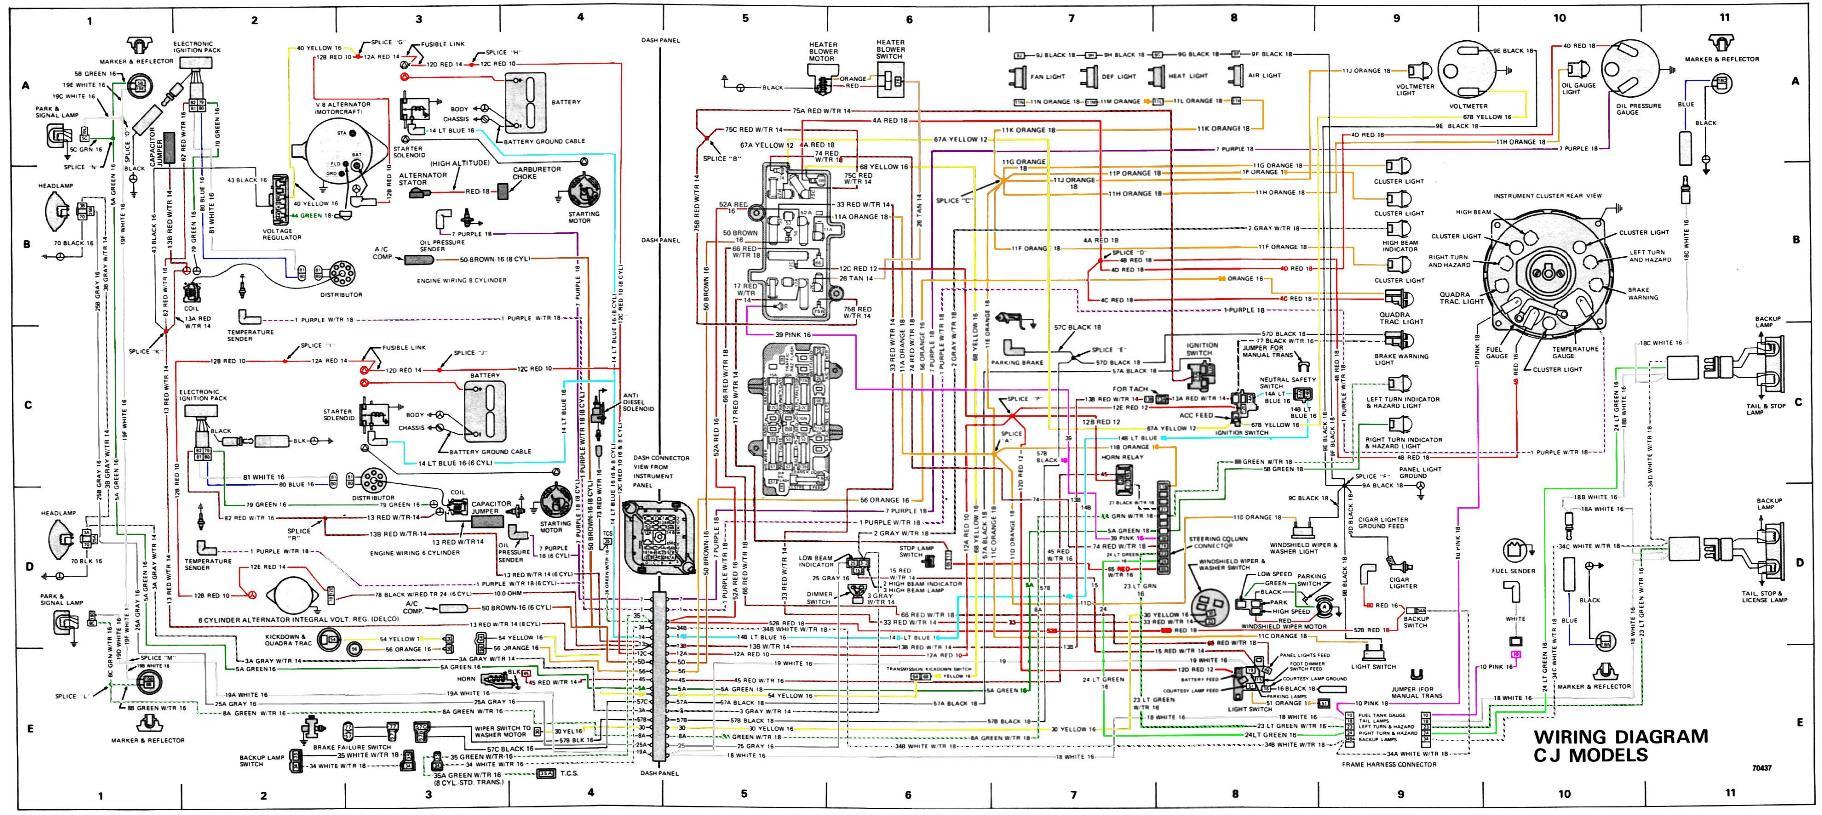 1965 Cj5 Wiring Diagram Wiring Schematic Diagram